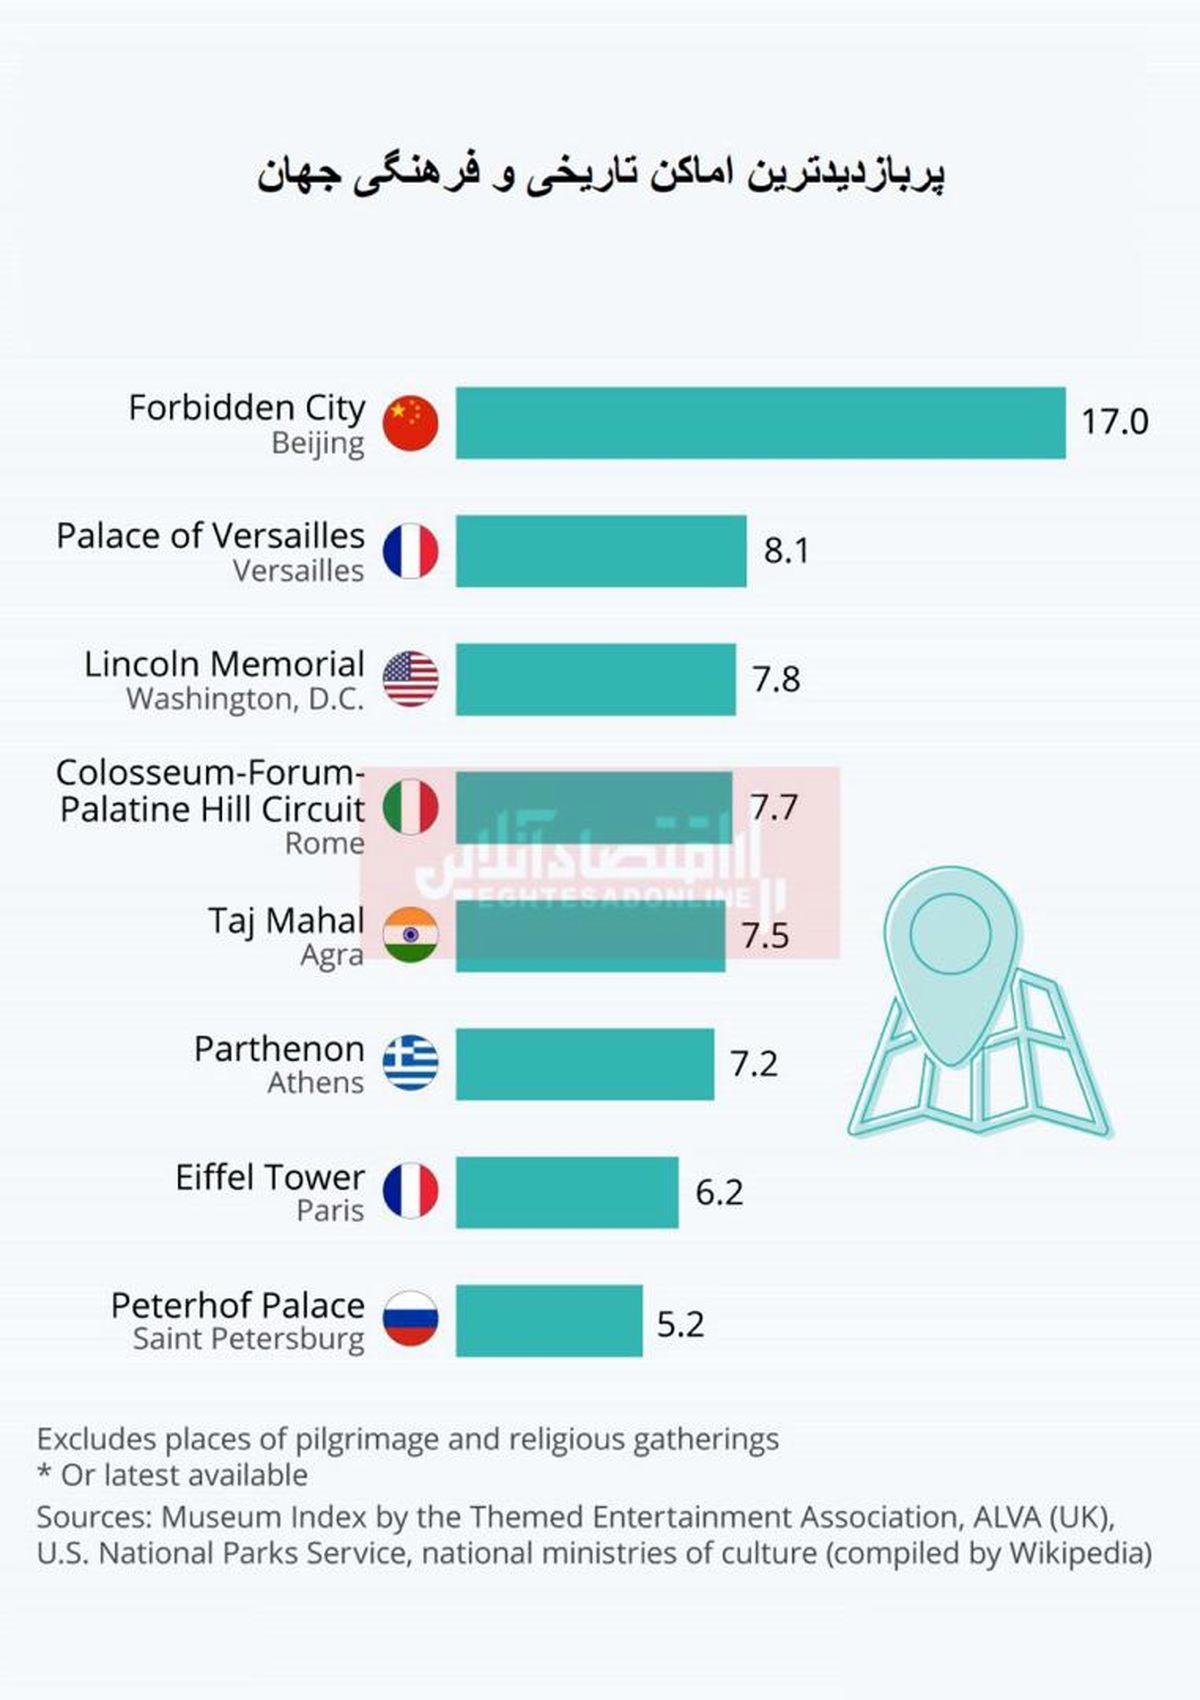 پربازدیدترین بناهای تاریخی جهان کجاست؟